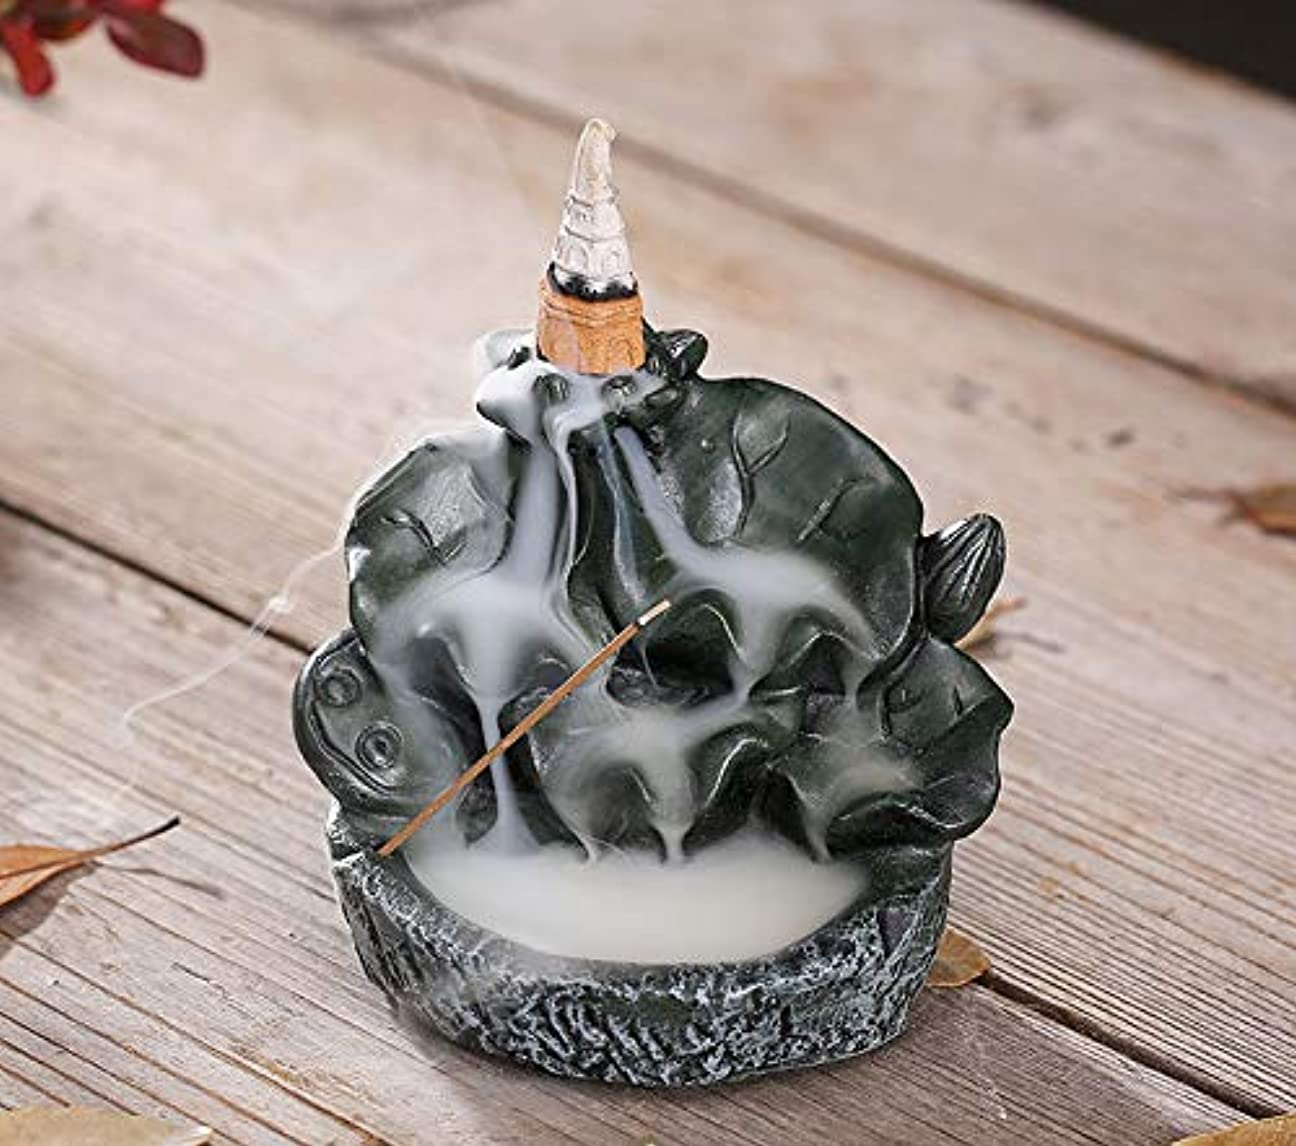 ライブただやる曇ったPHILOGOD香炉ロータススタイリング陶器逆流香炉線香香立て仏壇用香置物/香皿